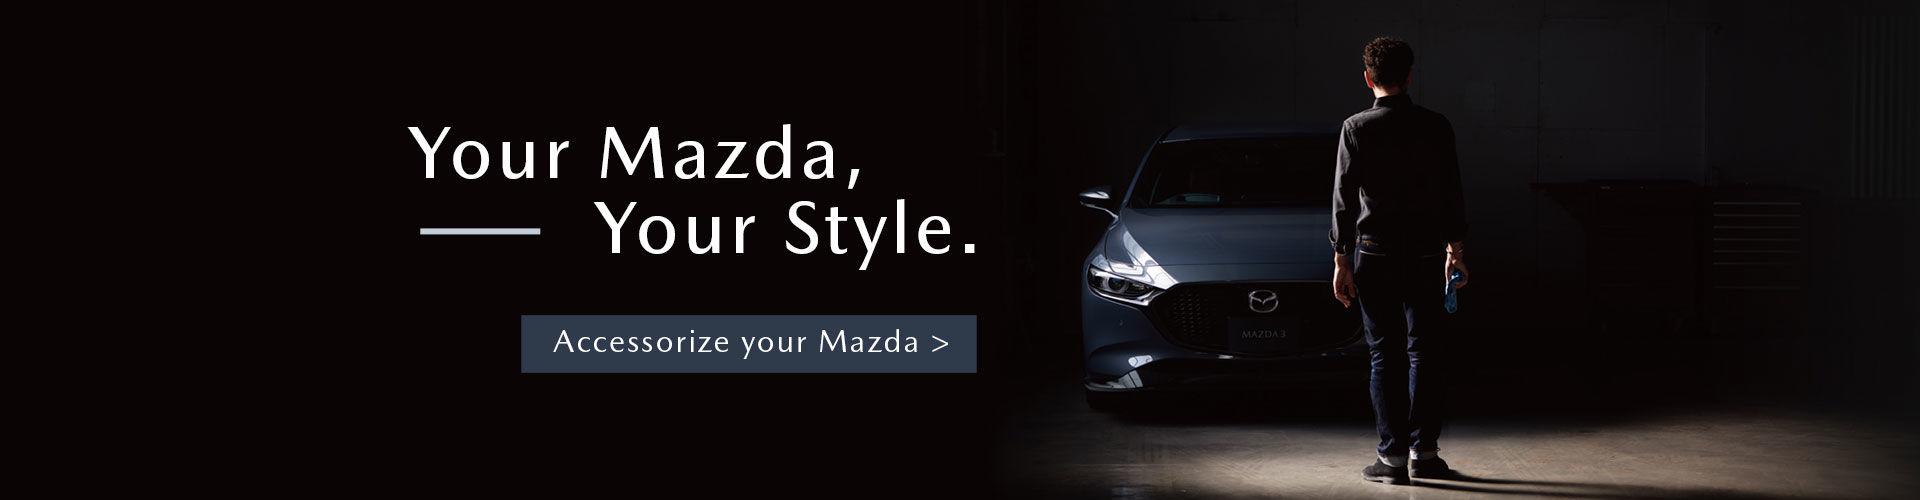 MazdaShop Online